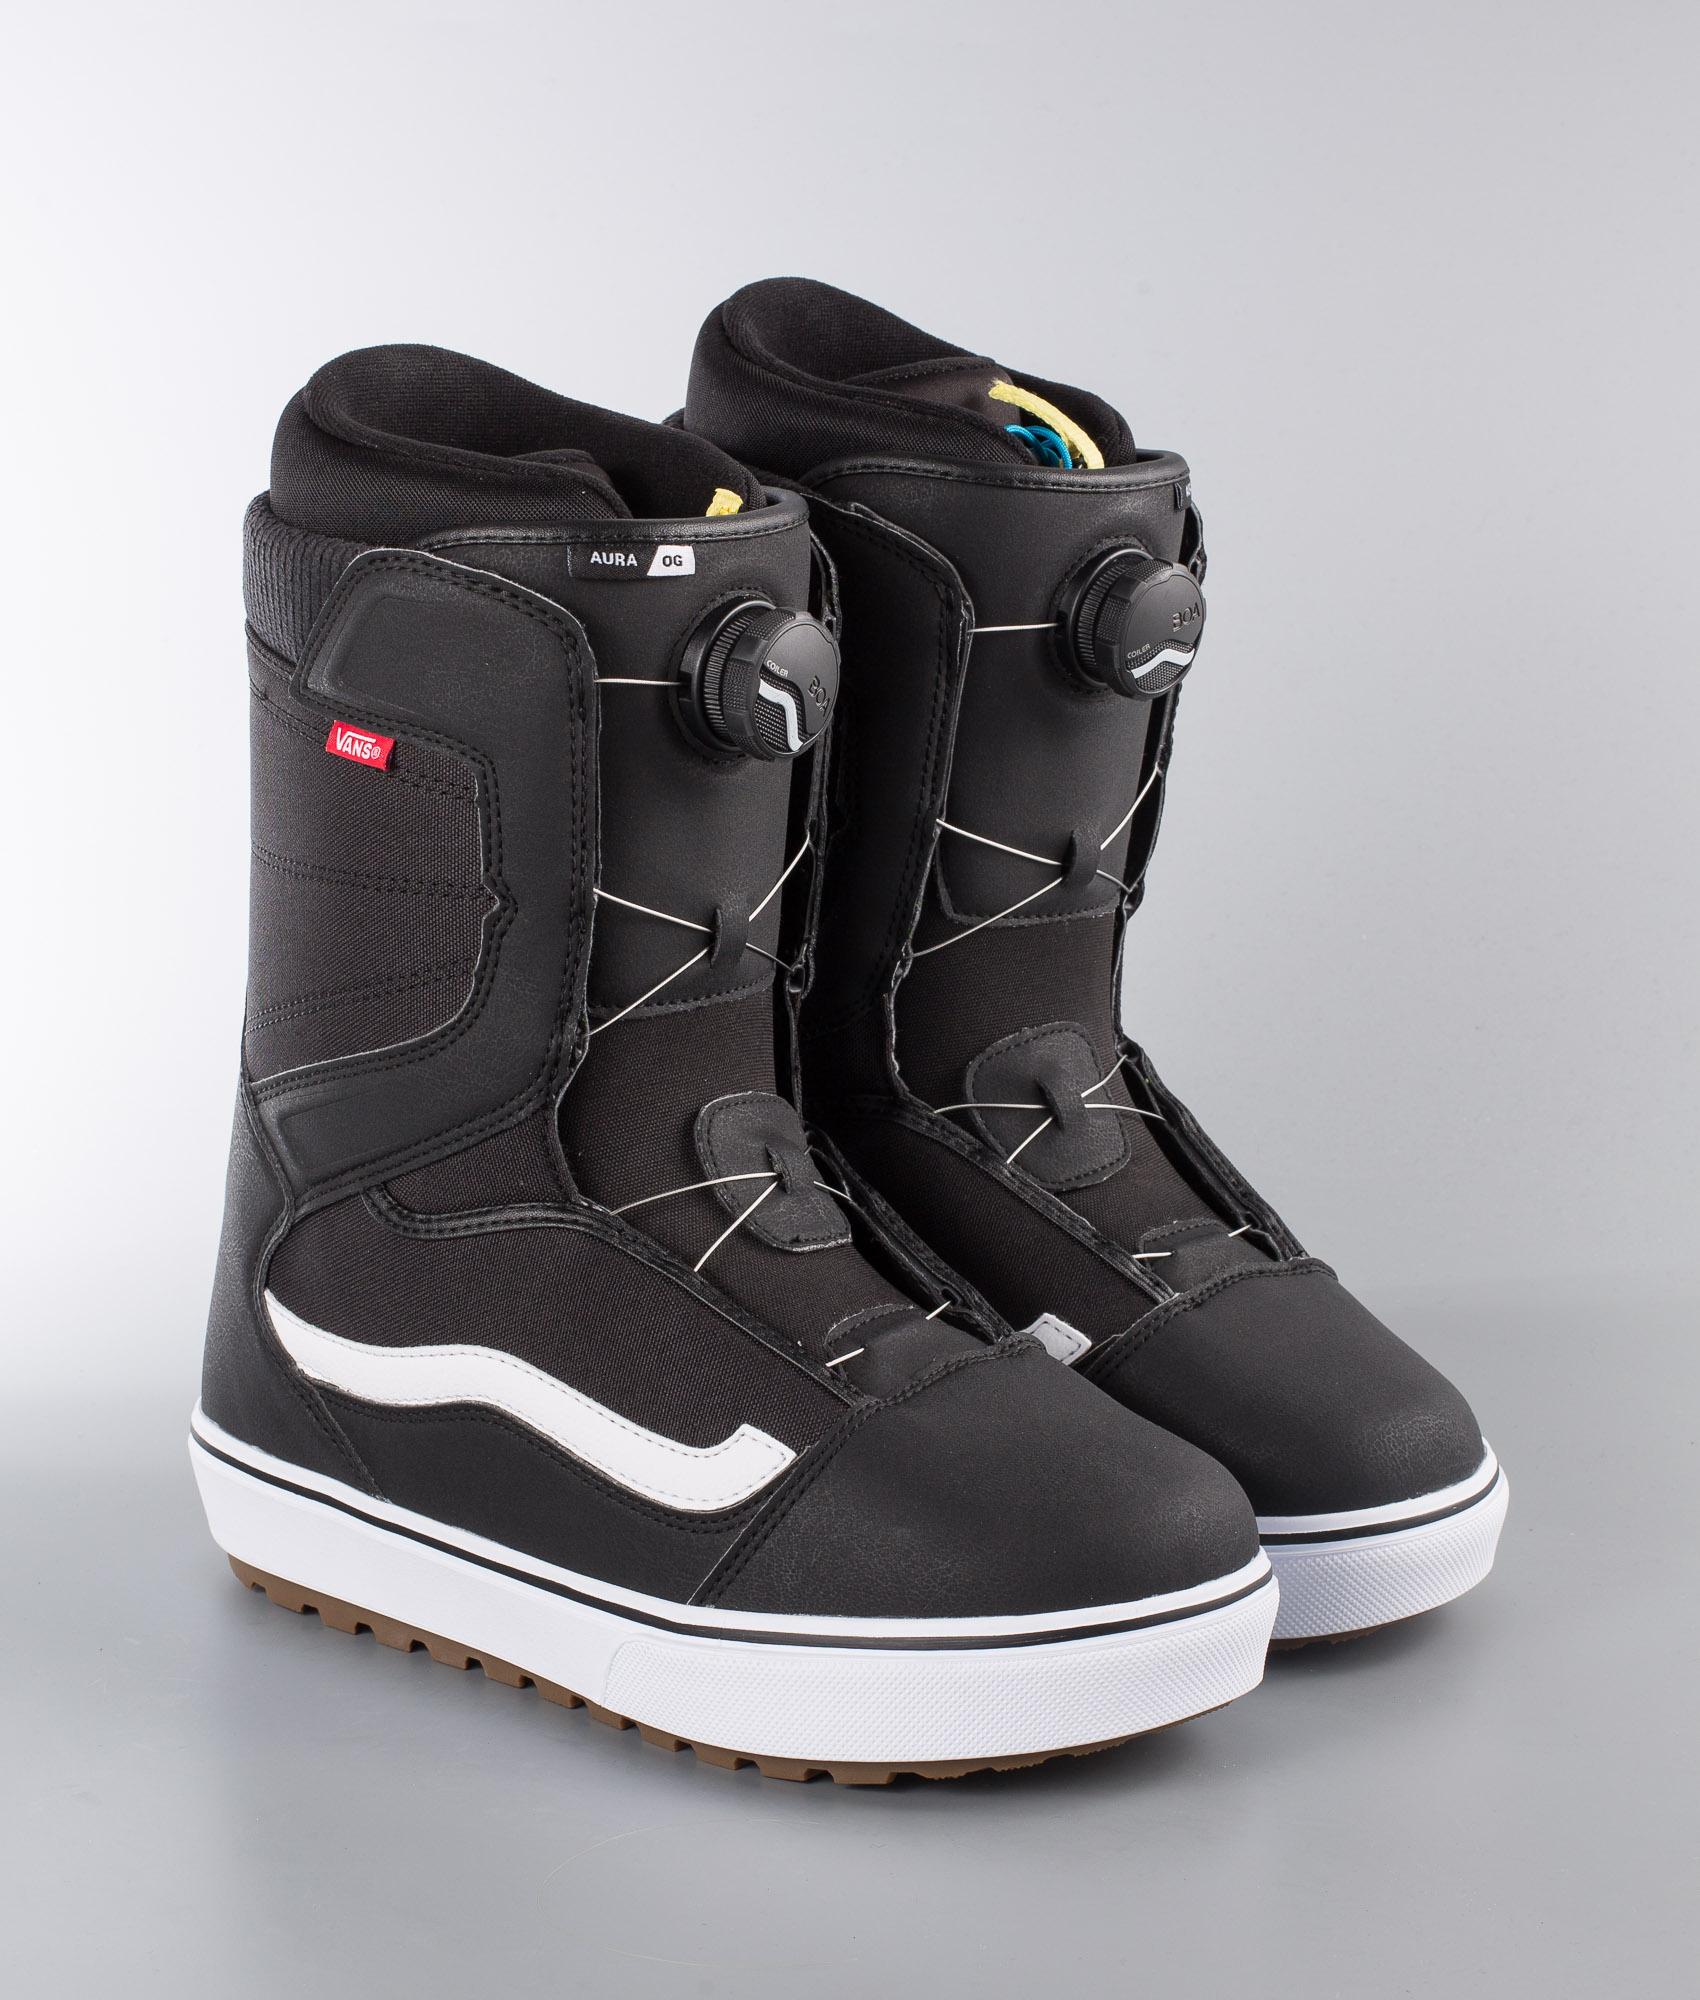 Vans Aura OG Snow Boots BlackWhite